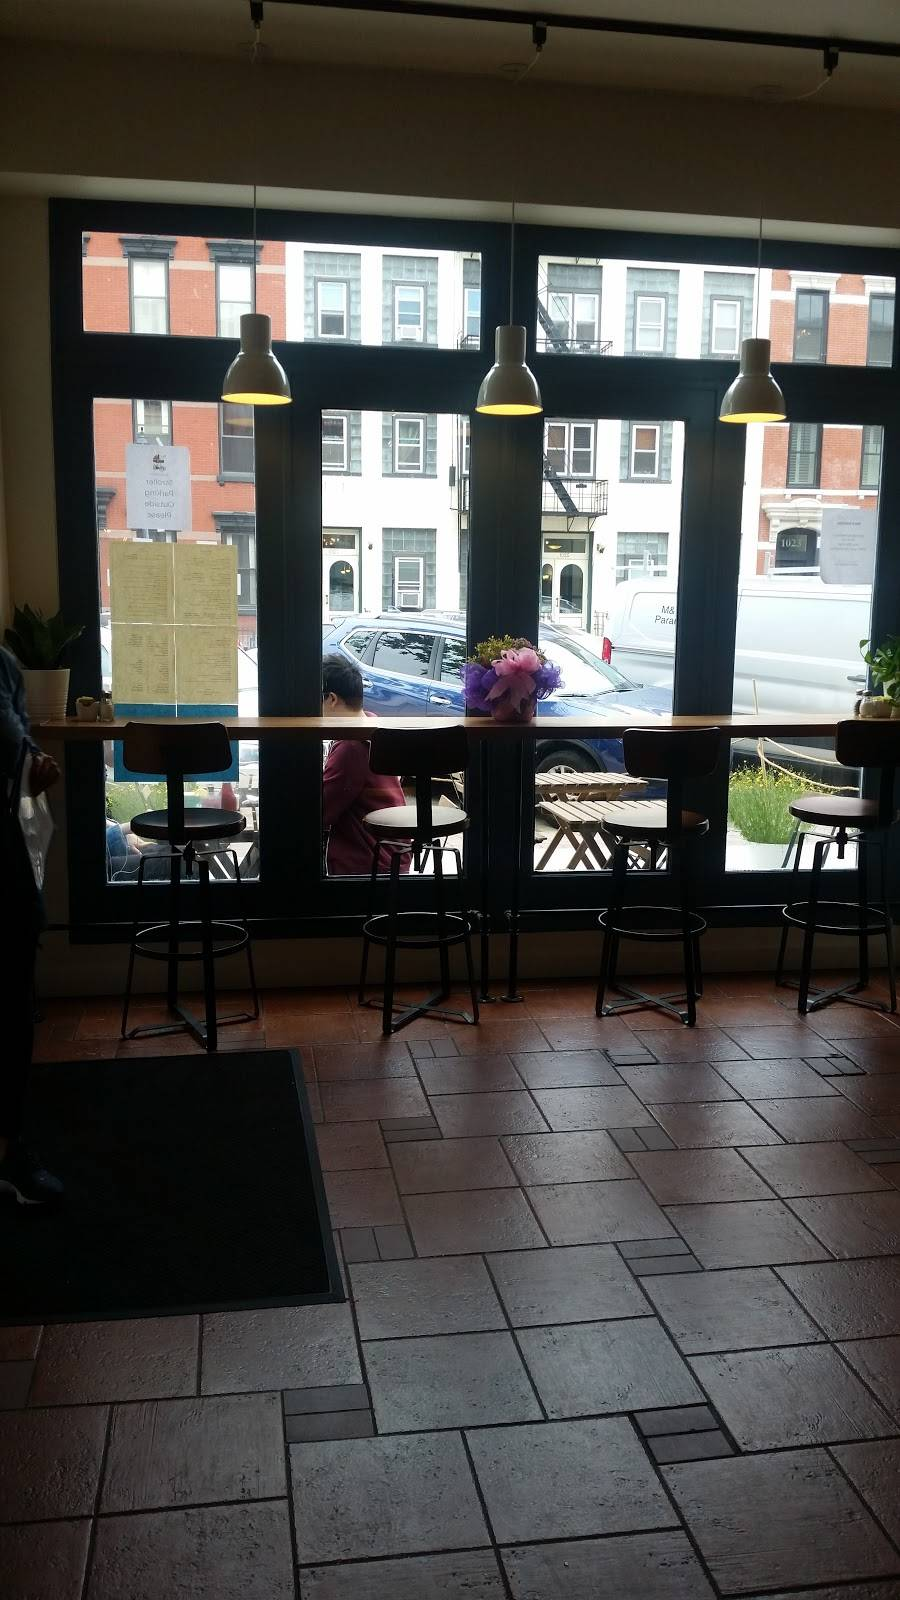 Tosti | restaurant | 1024 Washington St, Hoboken, NJ 07030, USA | 2016837060 OR +1 201-683-7060